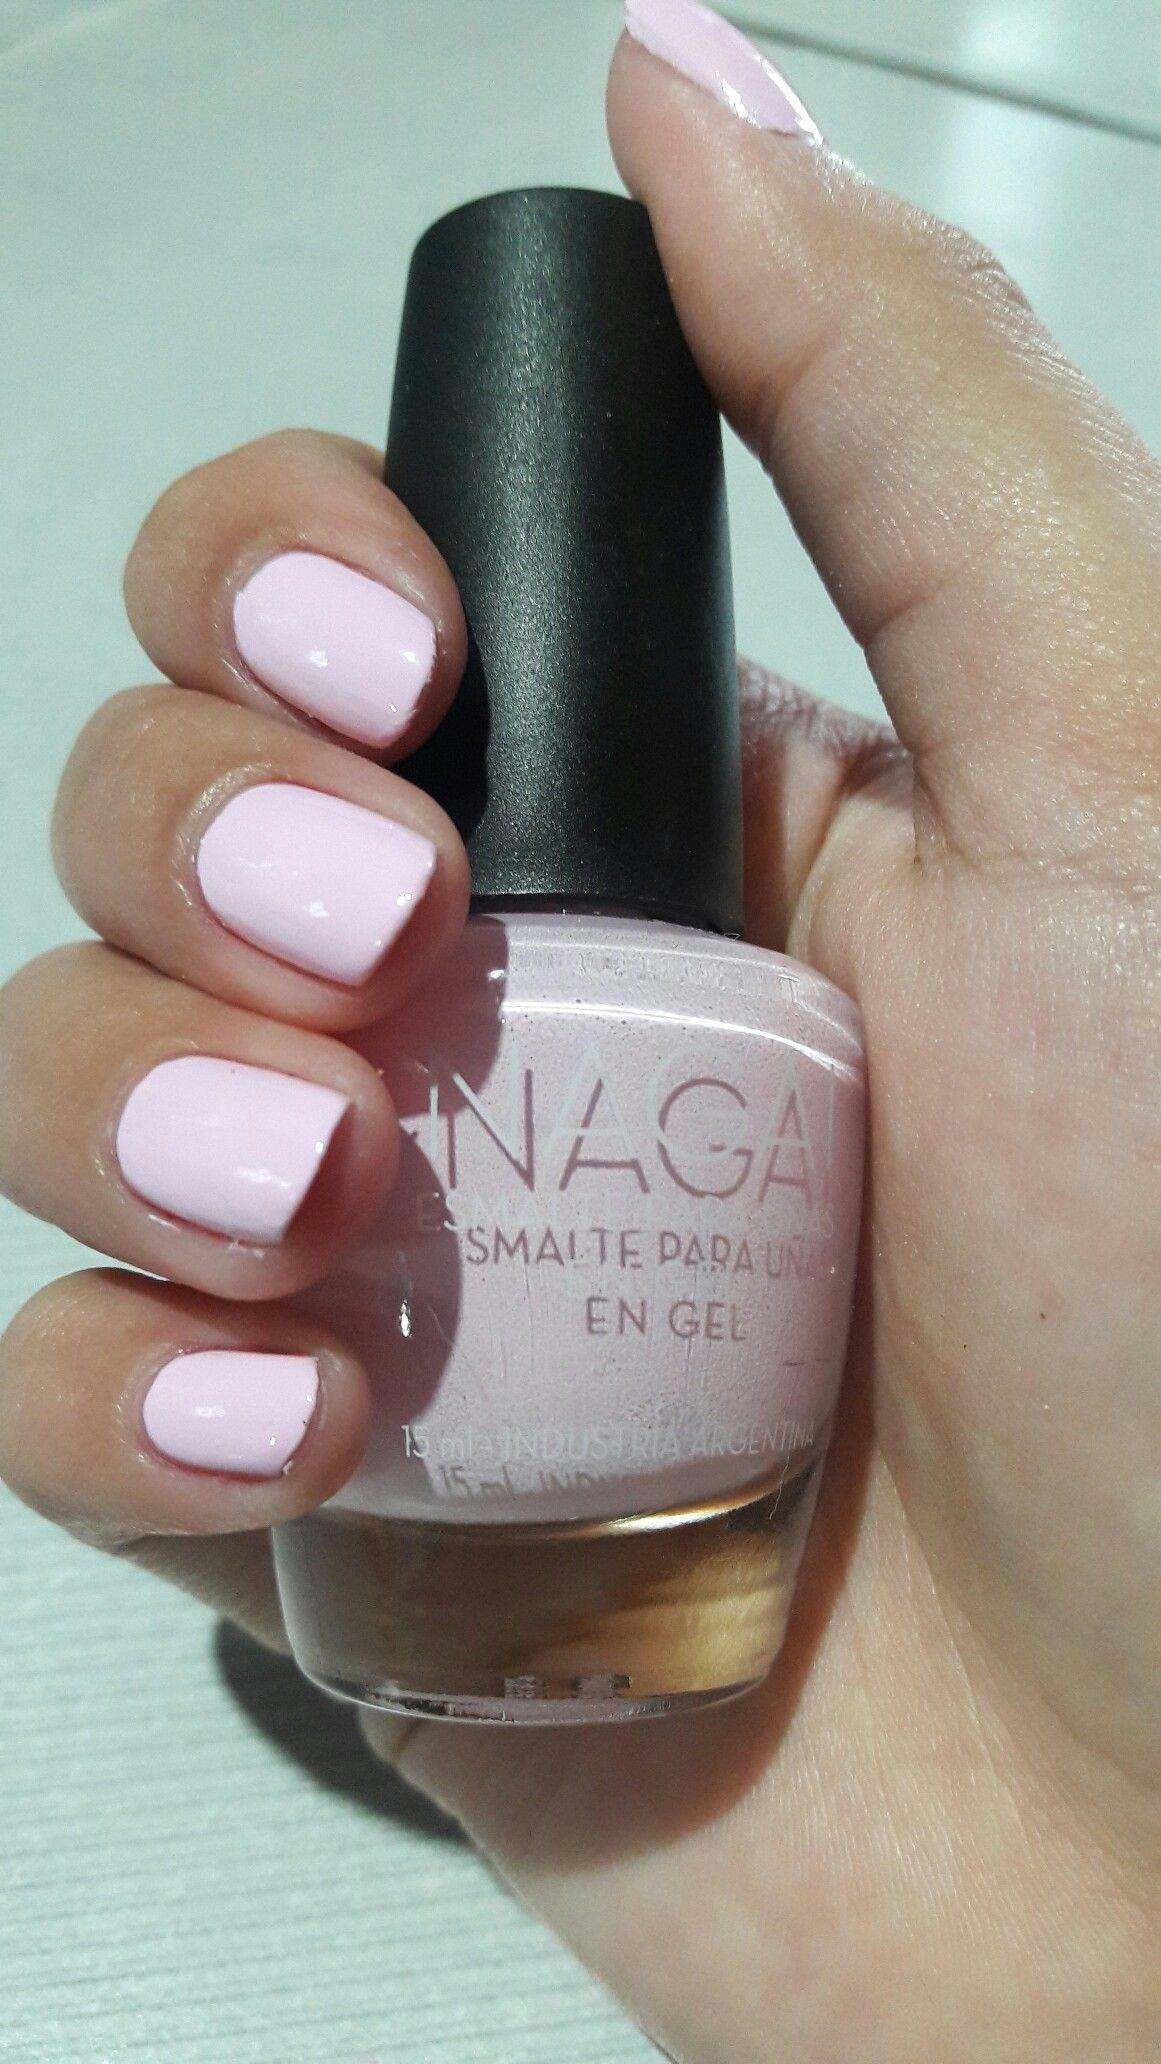 NAGAI - Esmalte para uñas en gel Super recomendado! | Uñas ...